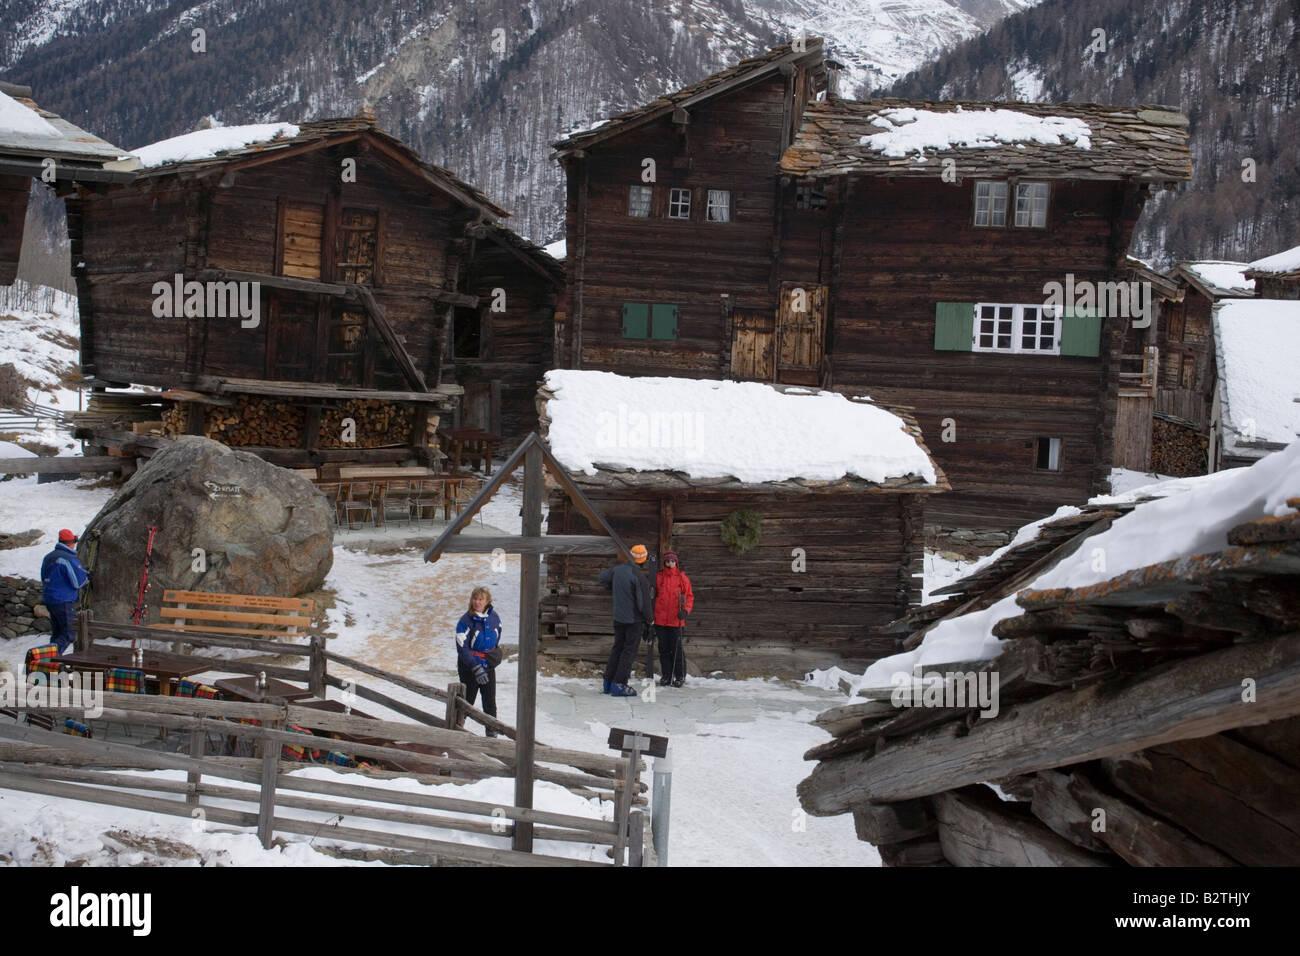 Restaurant zum See, Zum See, Zermatt, Wallis, Switzerland - Stock Image